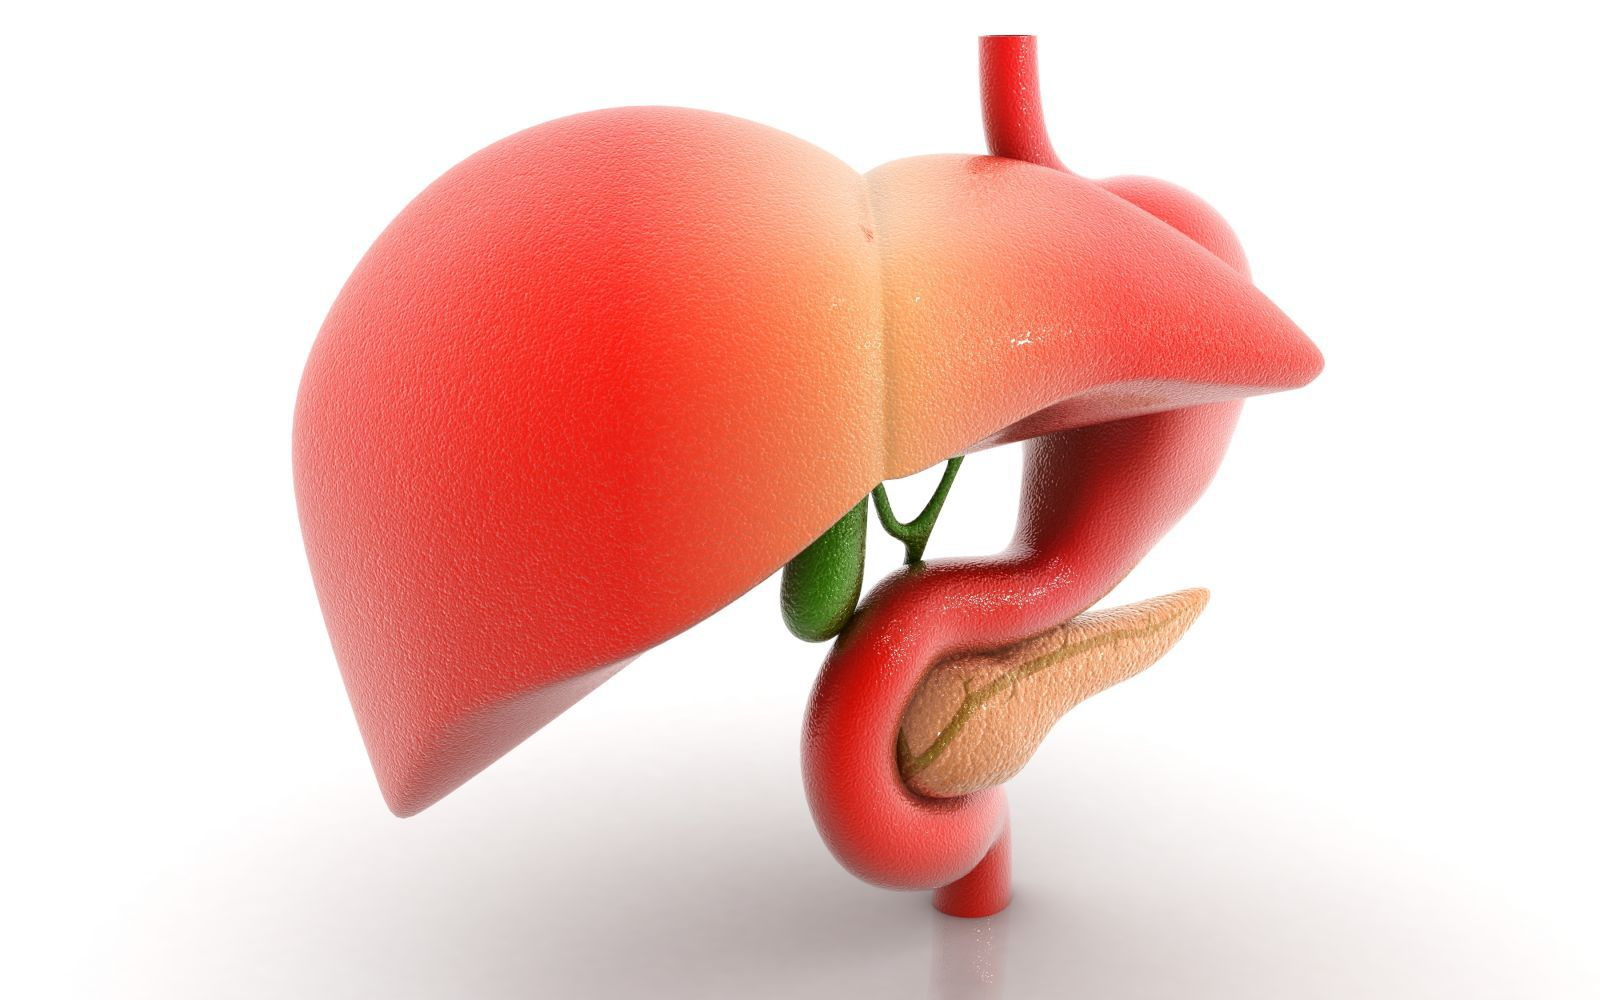 признаки повышенного холестерина у мужчин